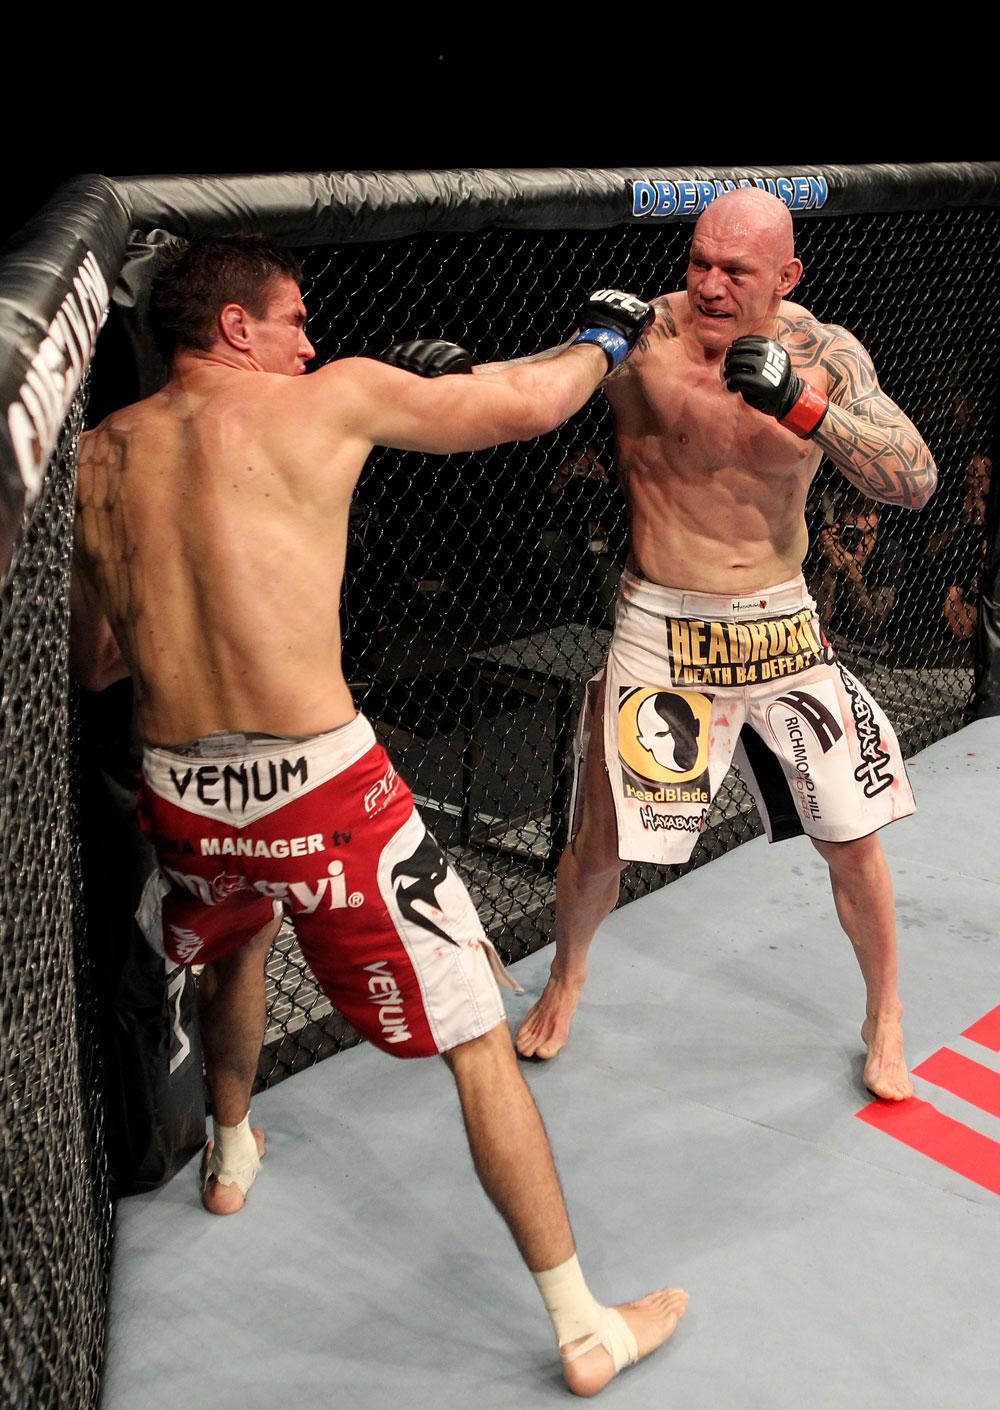 UFC light heavyweight Krzysztof Soszynski